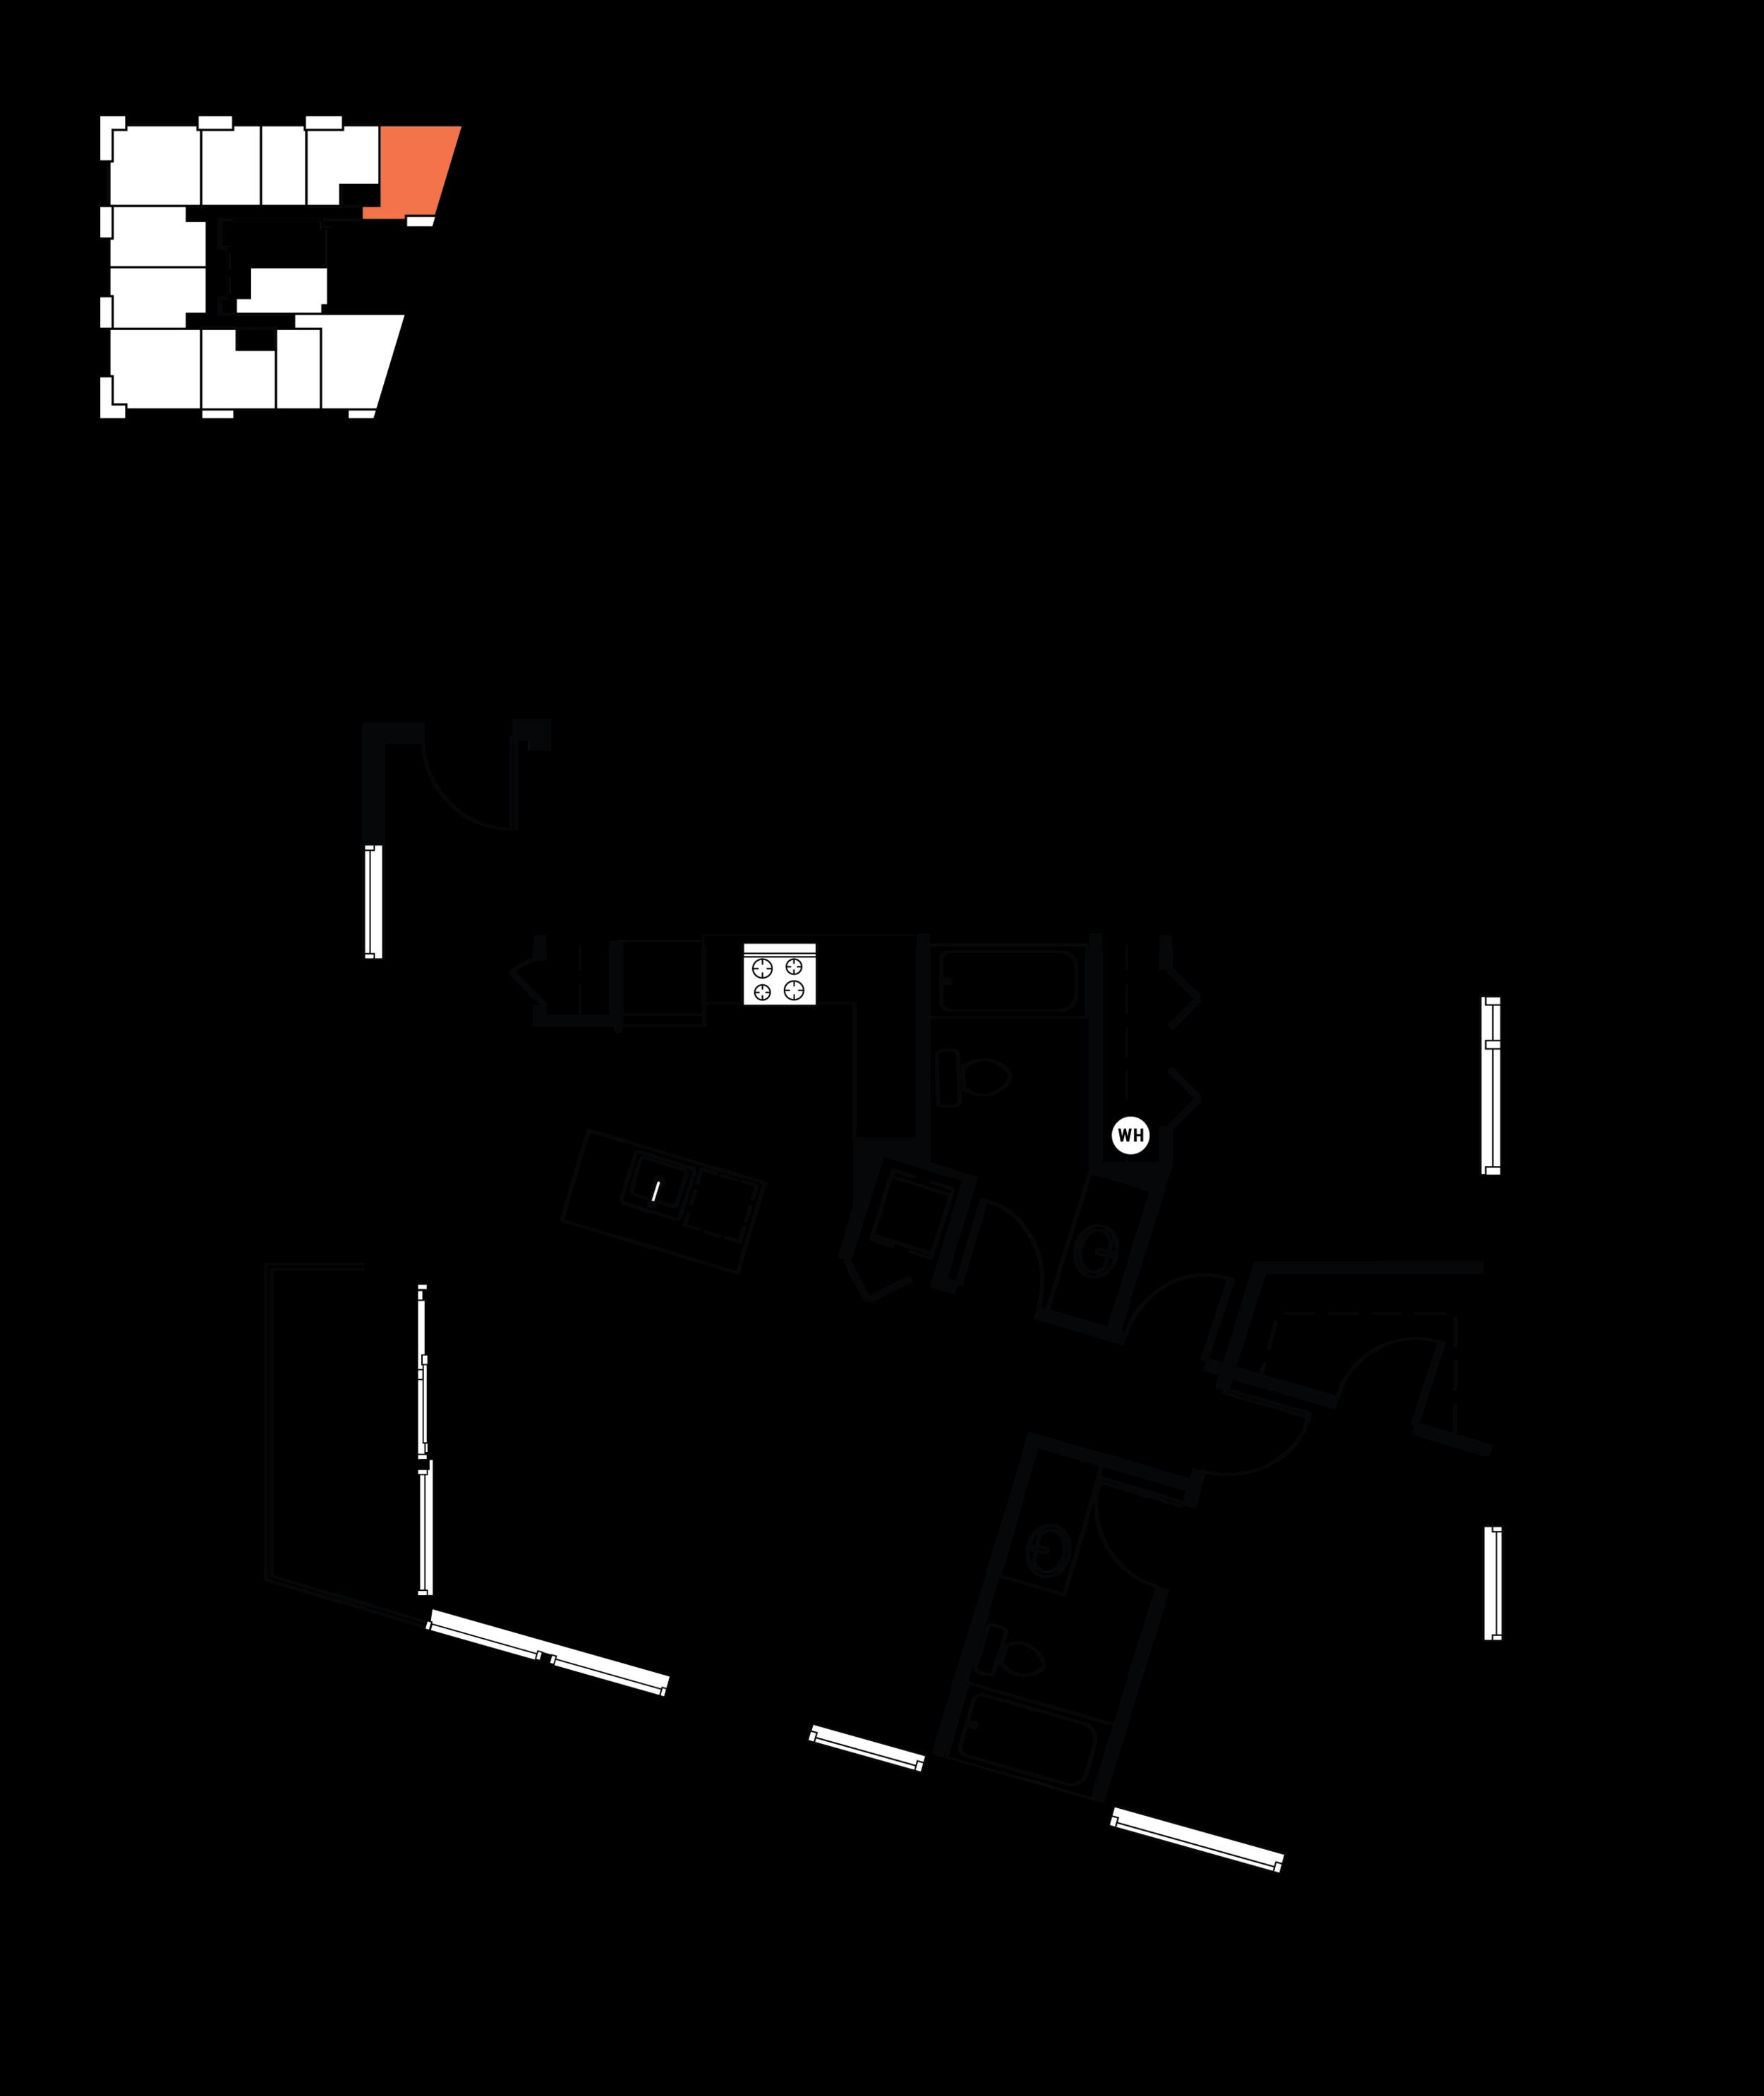 The Slater_Kirkland_Floorplans_no_logo-12.png